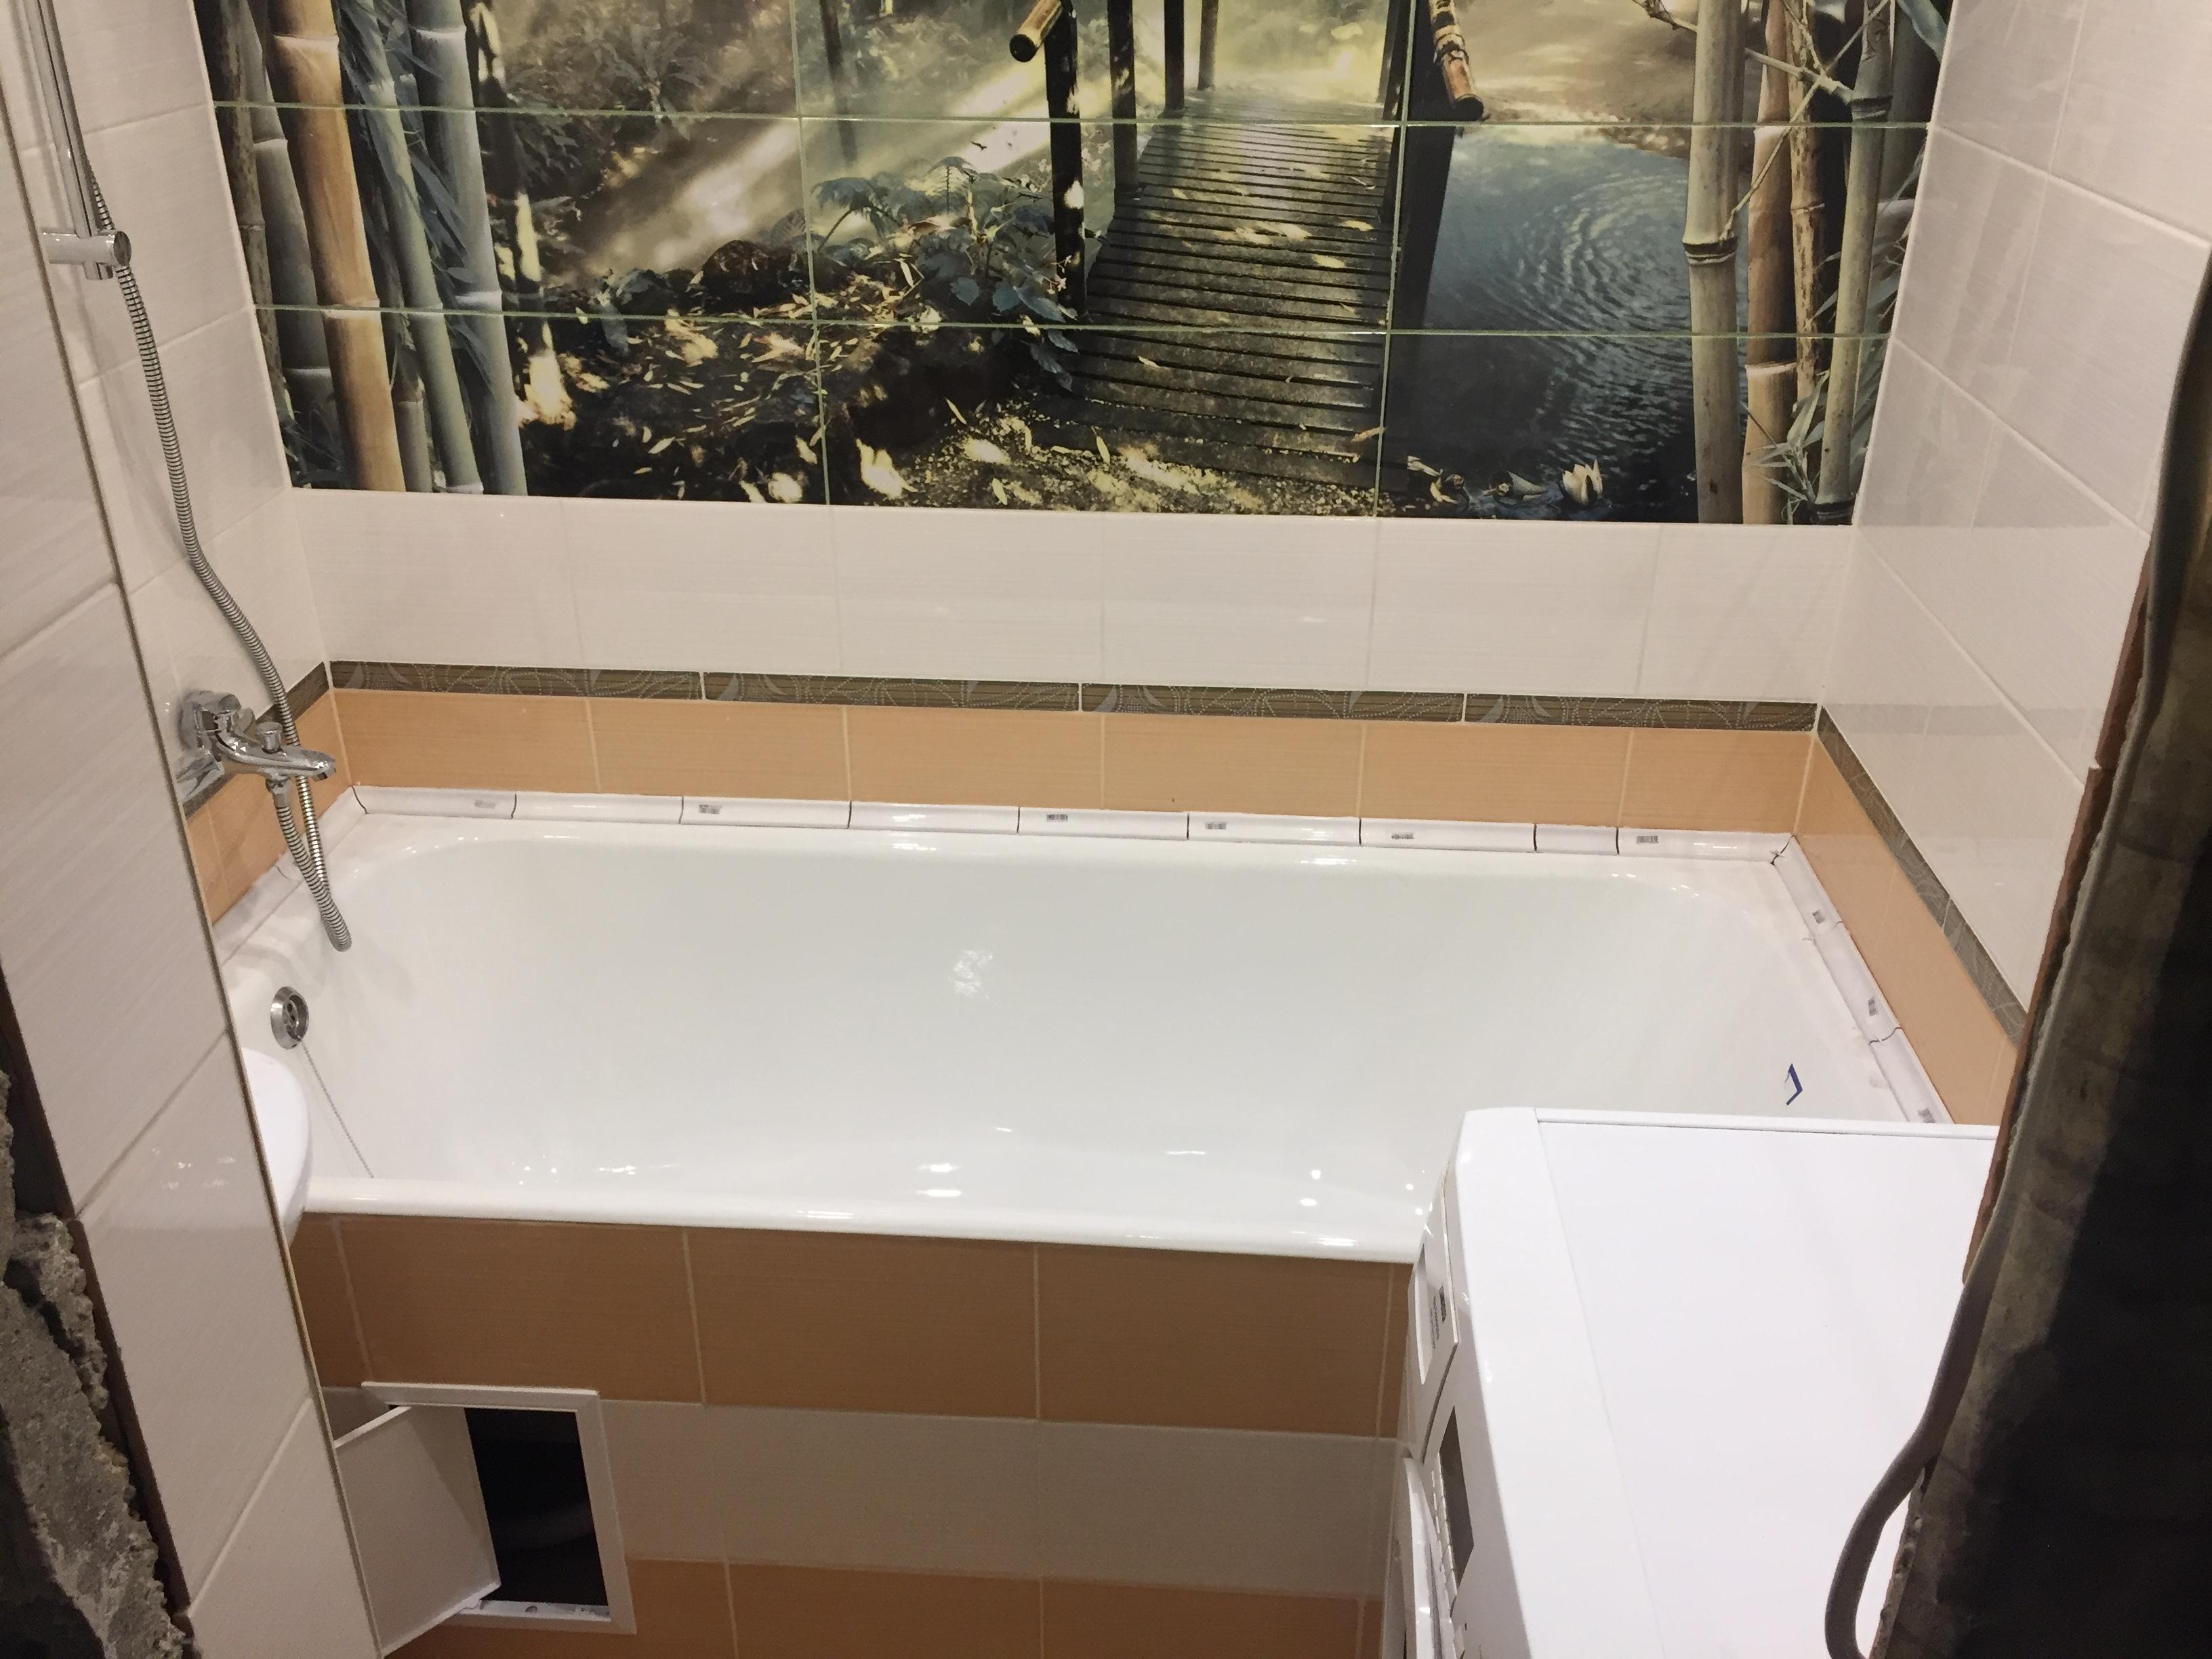 Ремонт трехкомнатной квартиры в Кирове недорого, гарантии